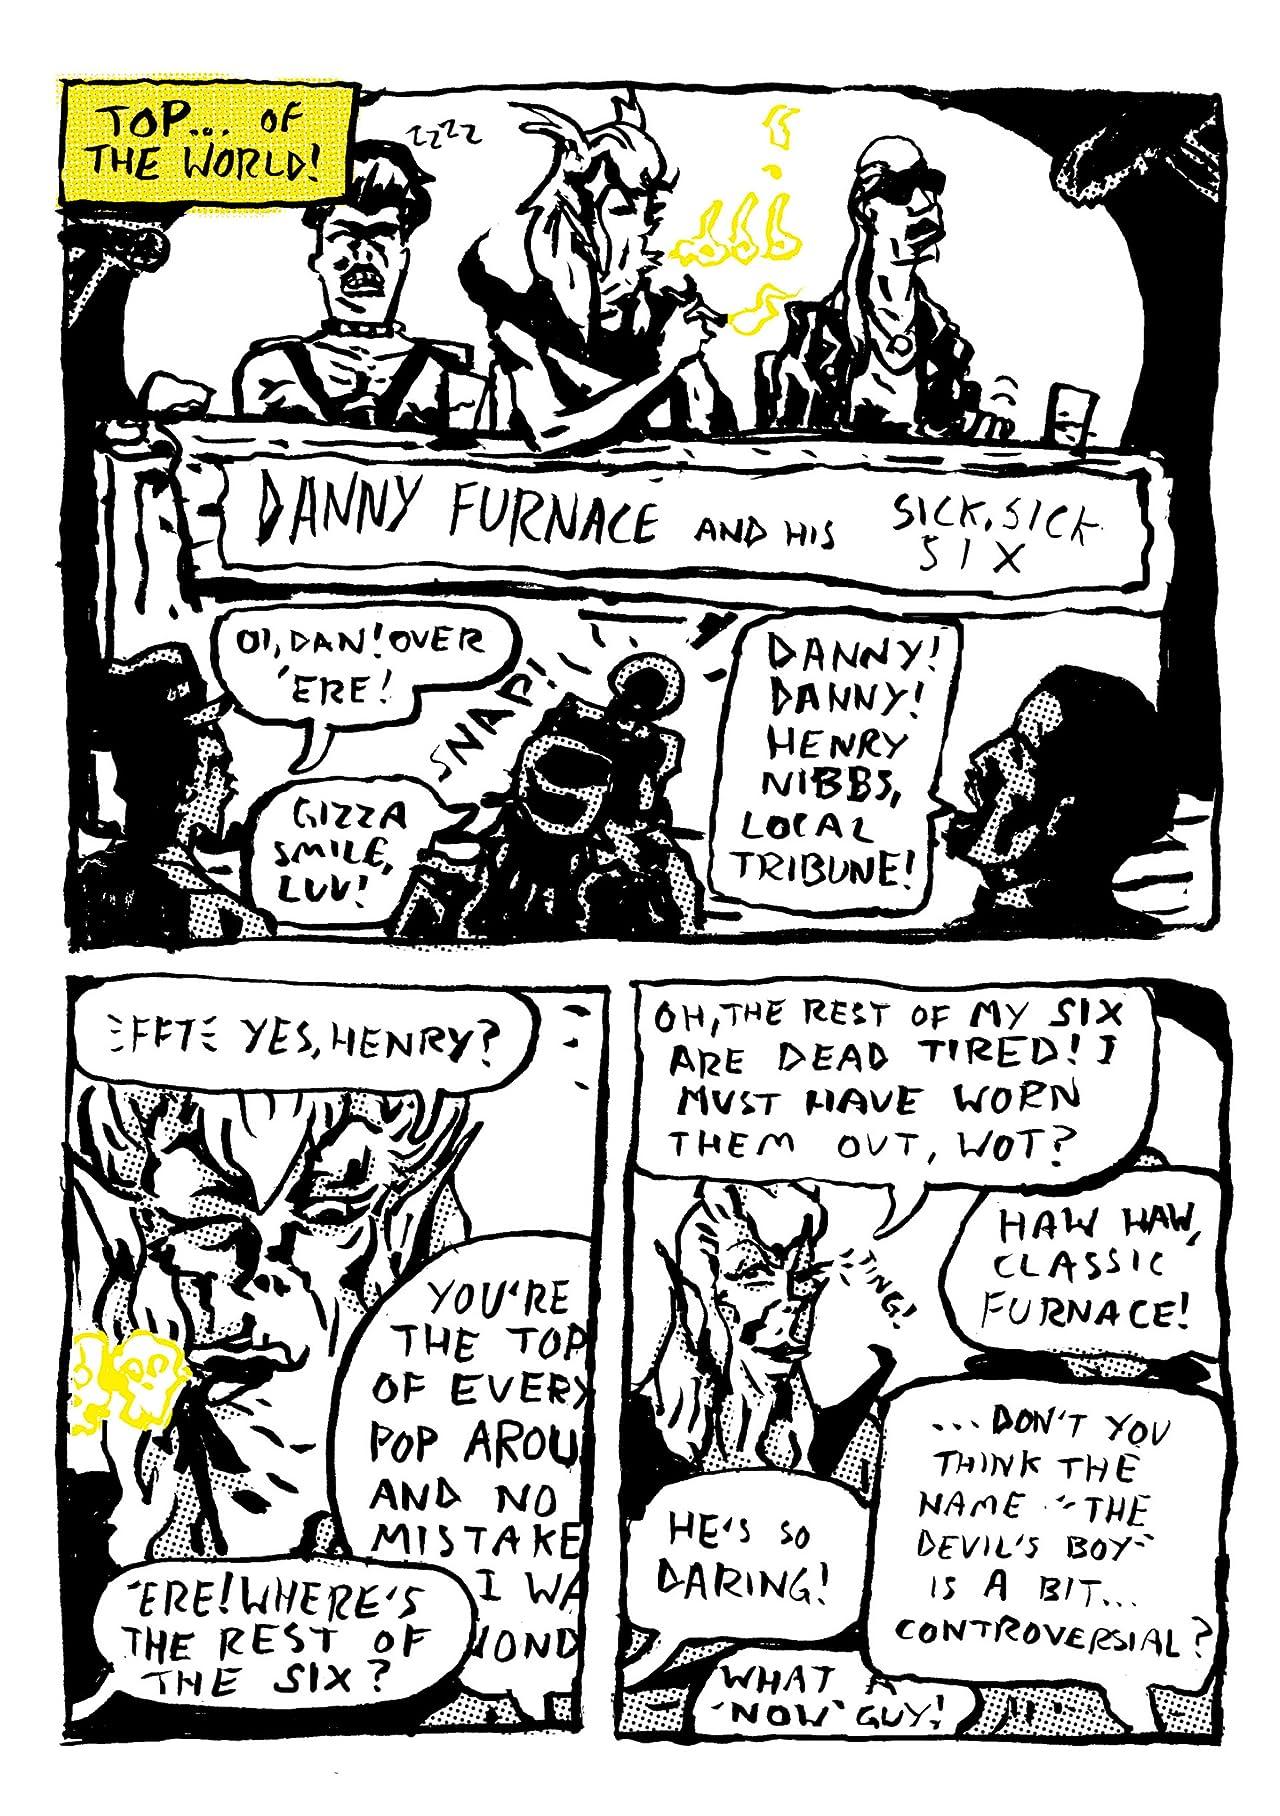 Daniel Furnace Is The Devil's Boy